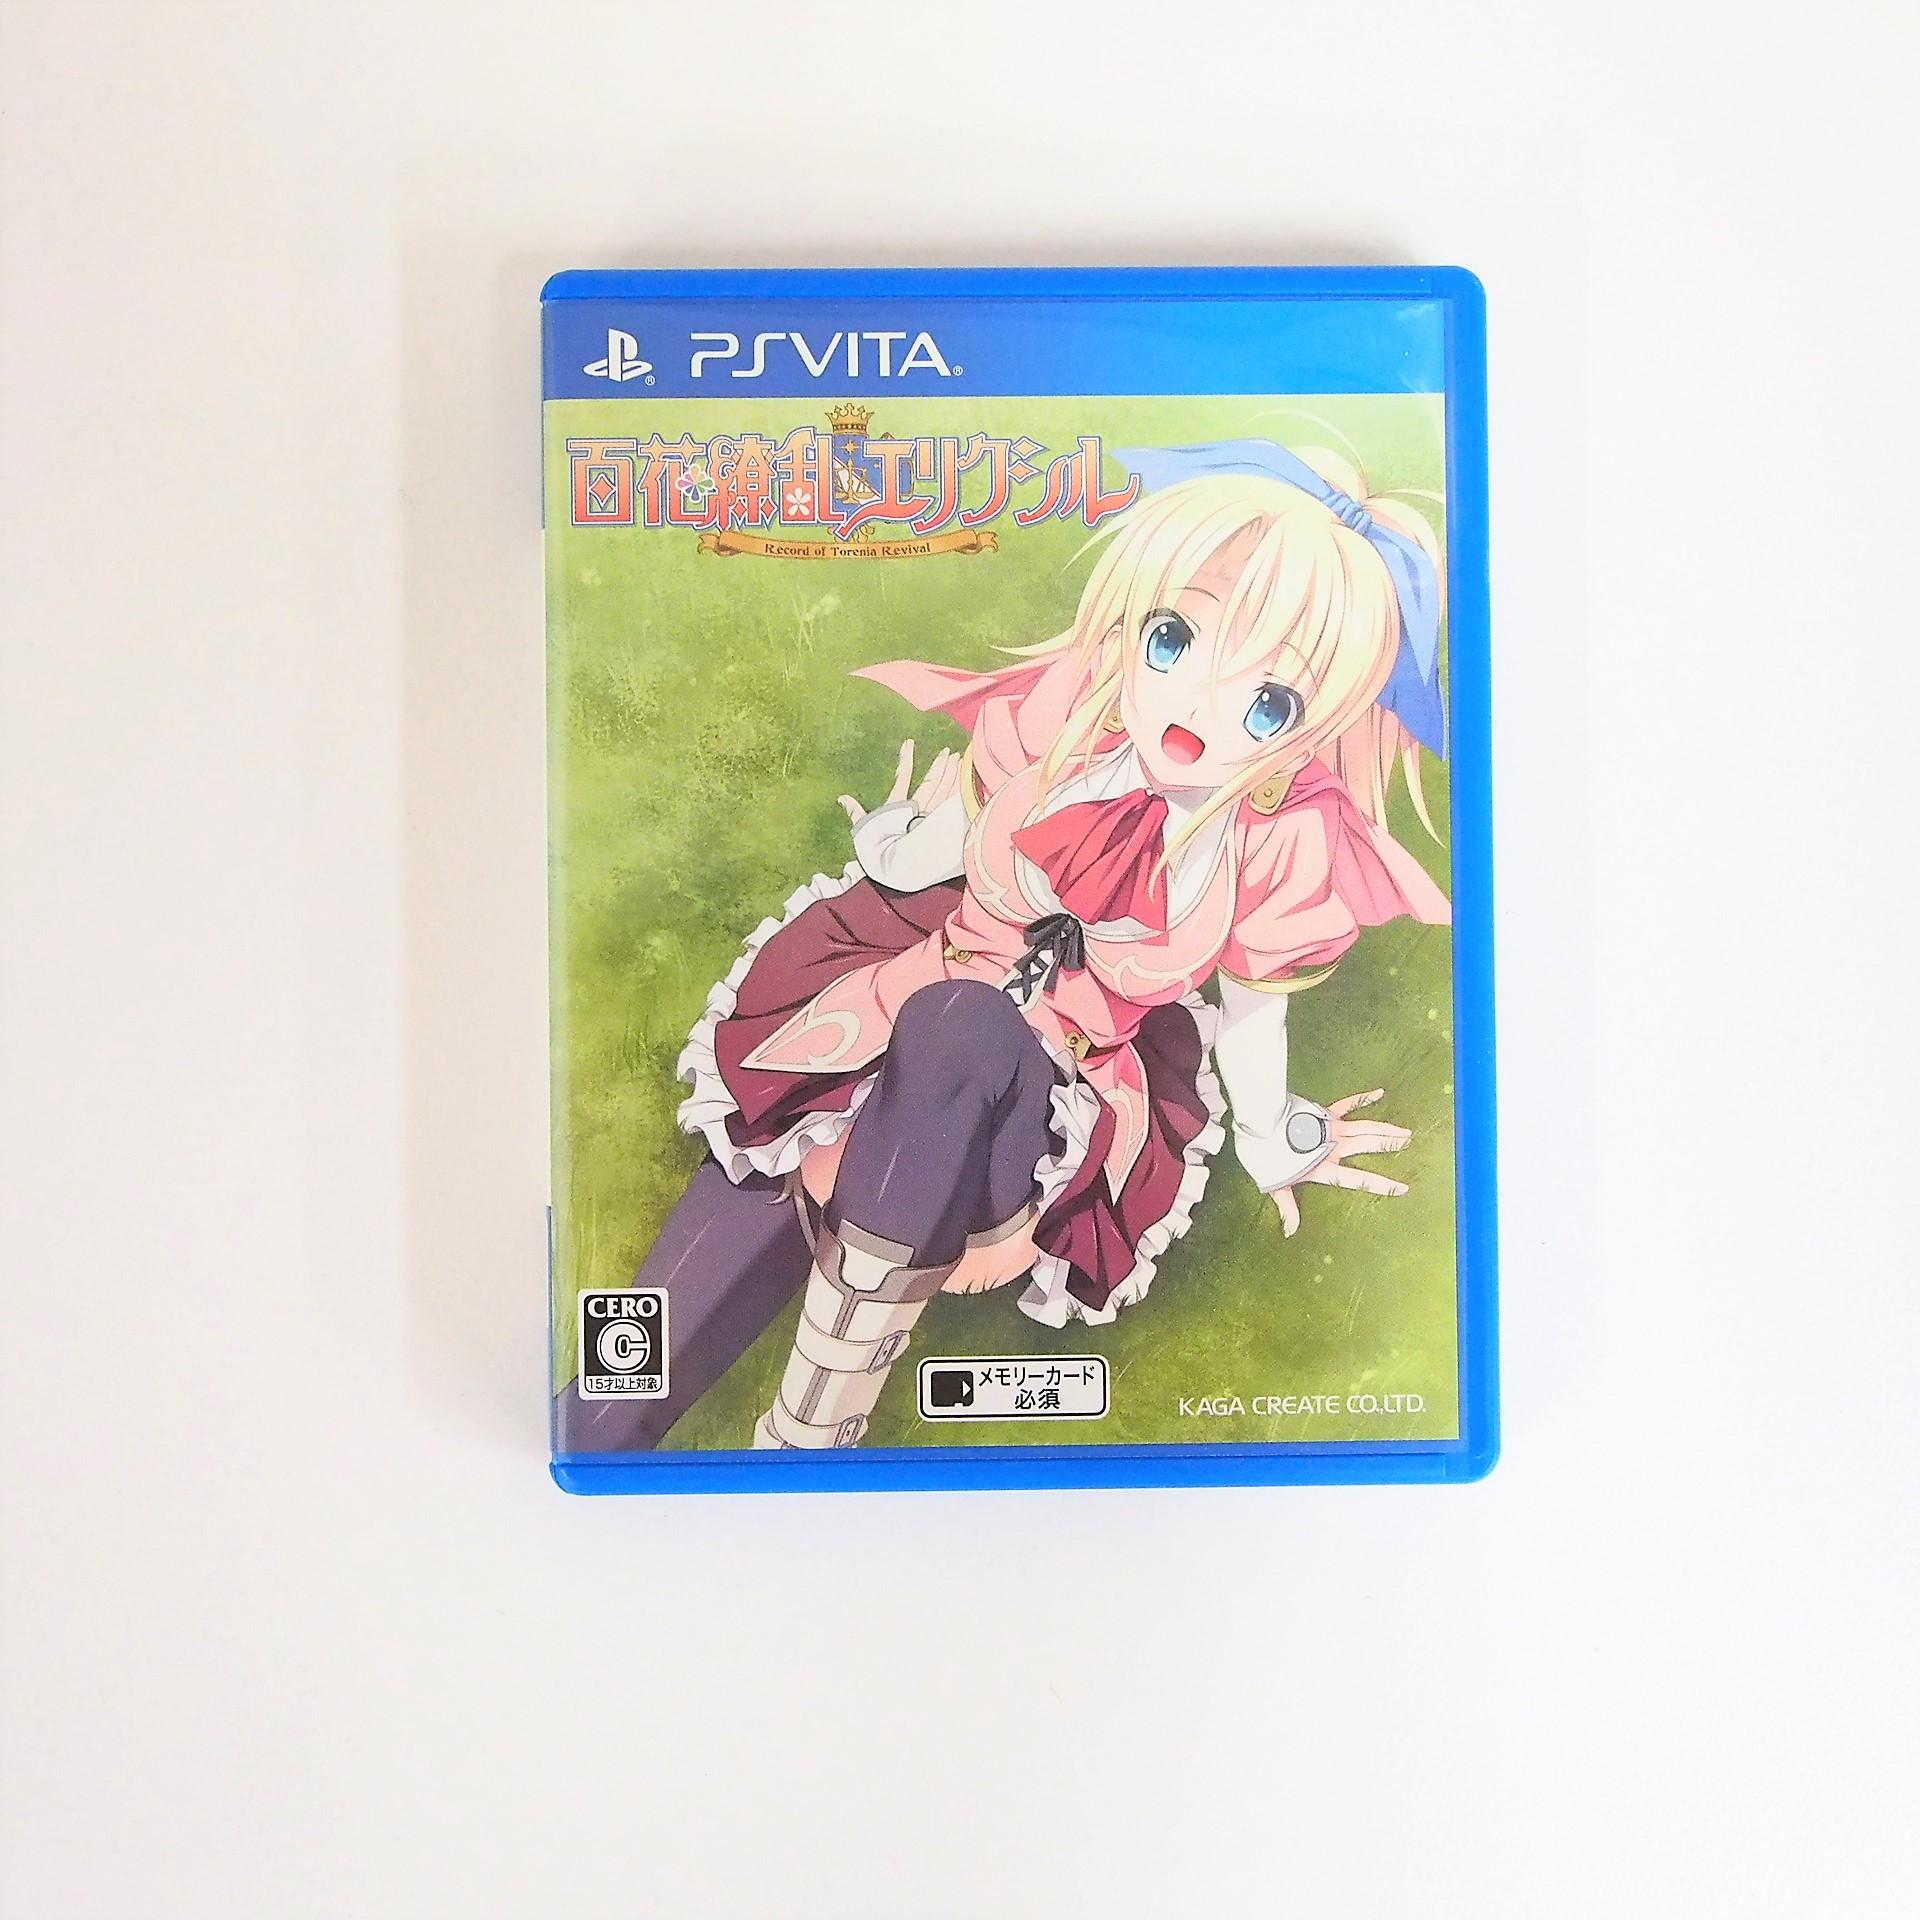 PS Vita 百花繚乱エリクシル